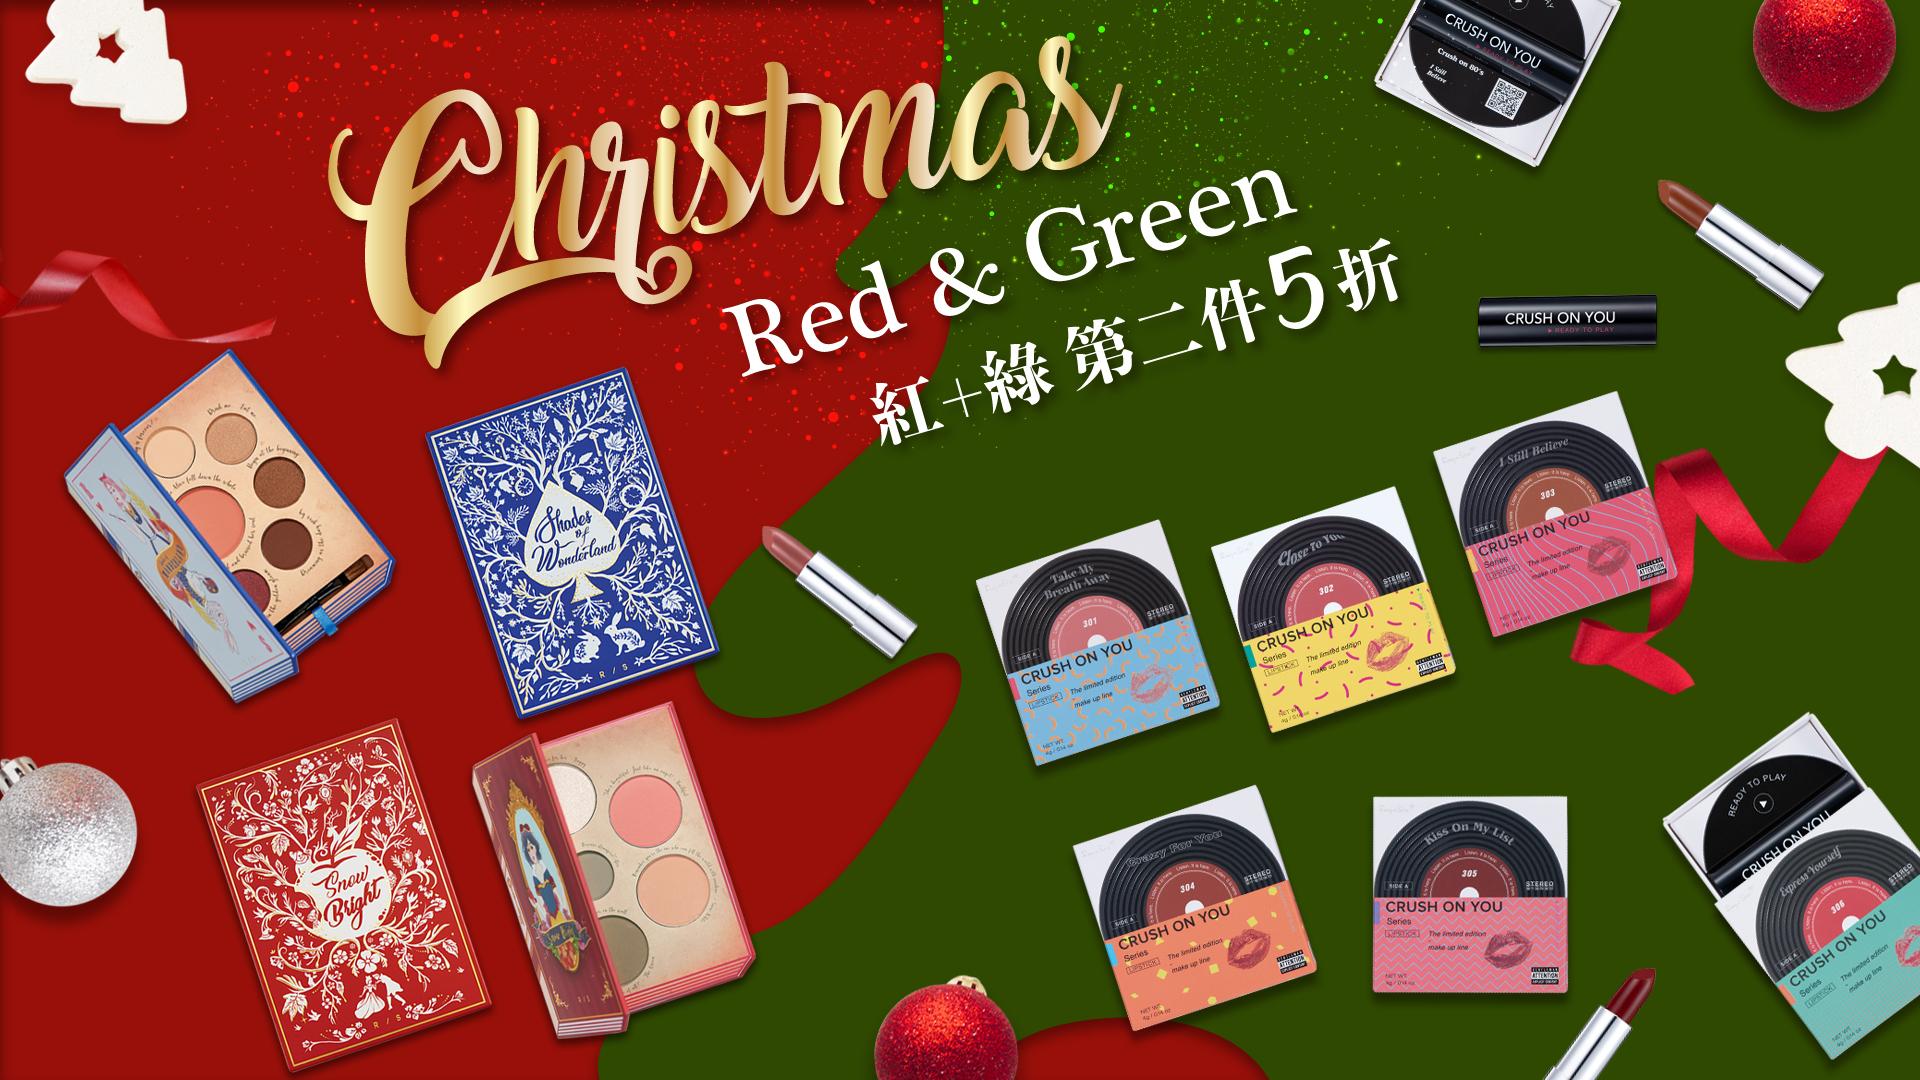 【聖誕紅綠】任選愛麗絲奇幻仙境眼影盤或白雪公主修容盤+微霧奶油唇膏